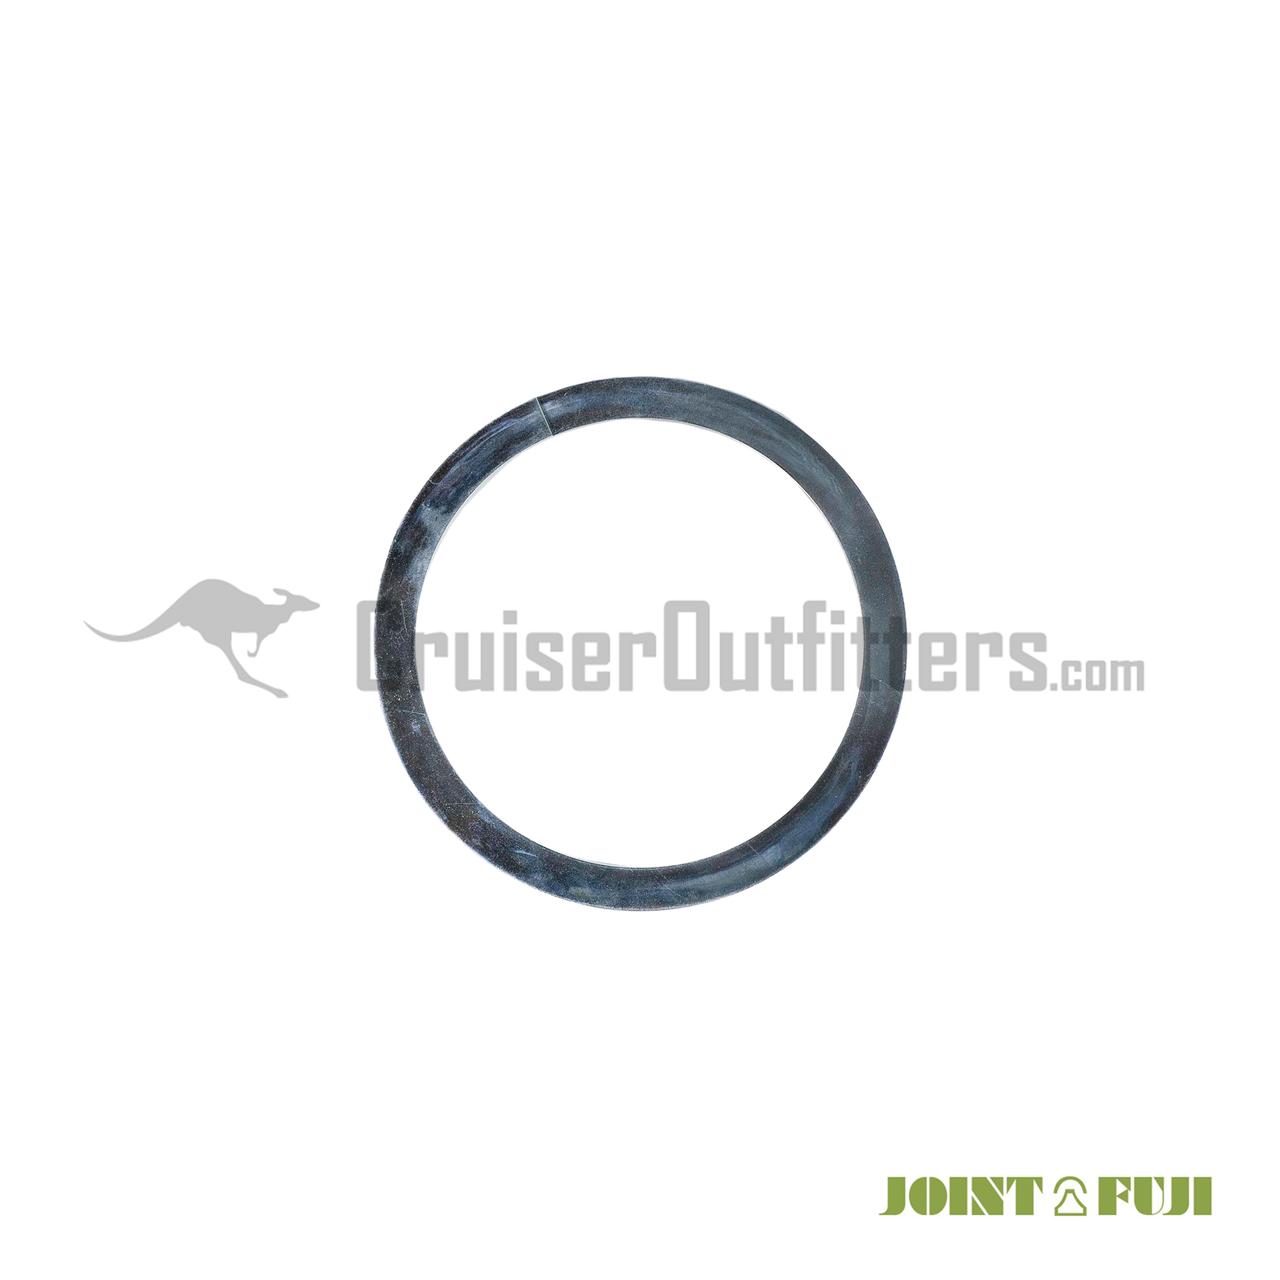 Knuckle Wiper Kit - Fits 1958 - 1990 4x/5x/6x Series & 1979 - 1985 Mini Truck (FA60020)